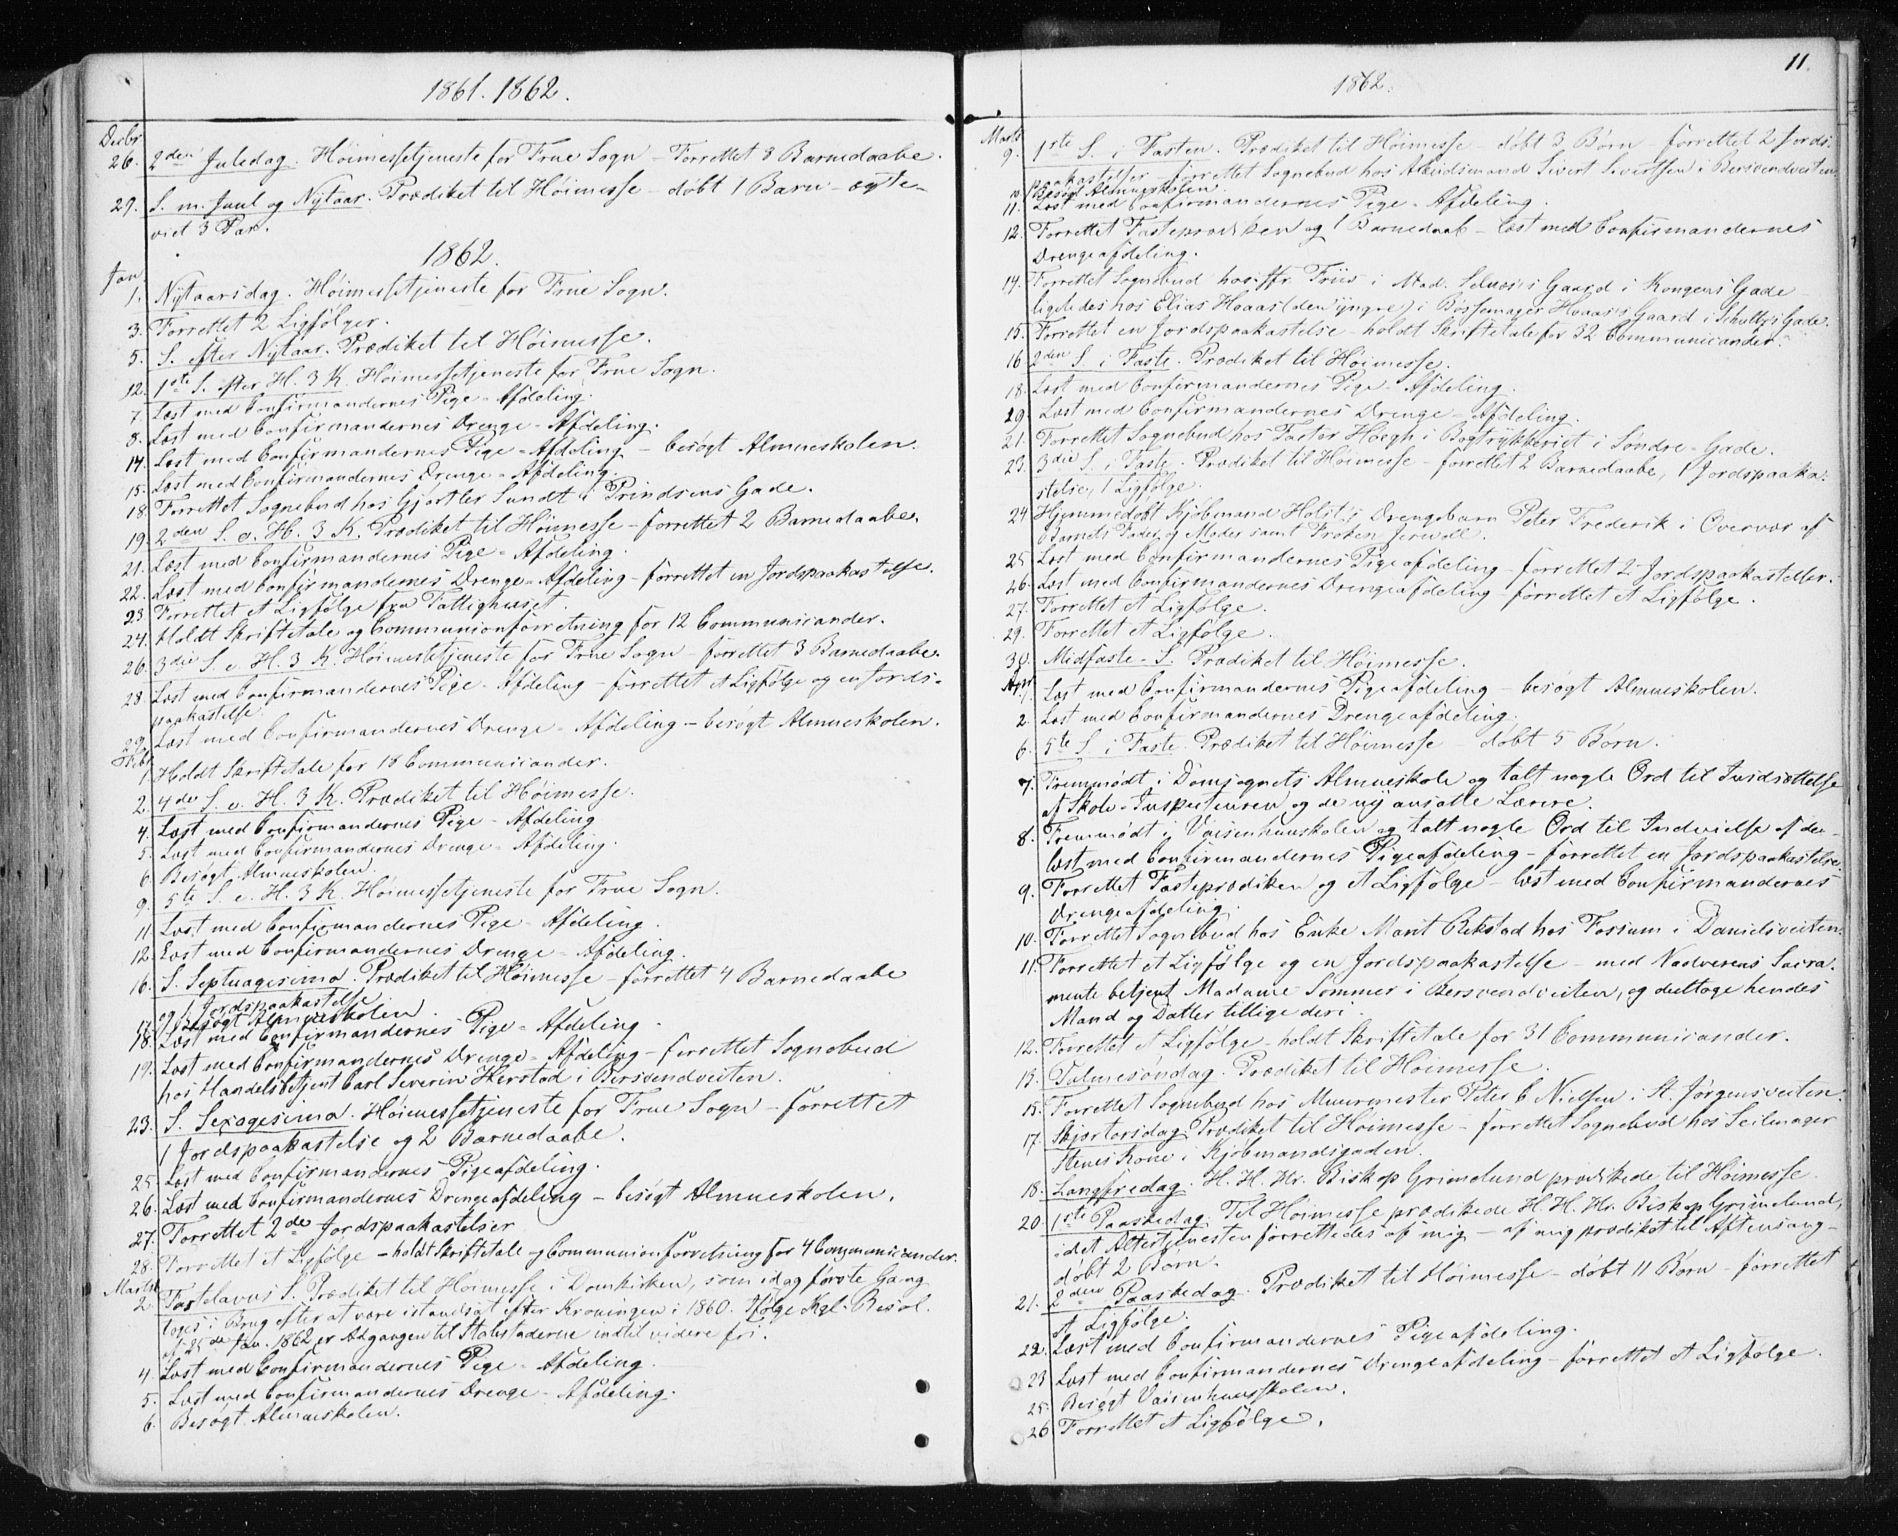 SAT, Ministerialprotokoller, klokkerbøker og fødselsregistre - Sør-Trøndelag, 601/L0053: Ministerialbok nr. 601A21, 1857-1865, s. 11